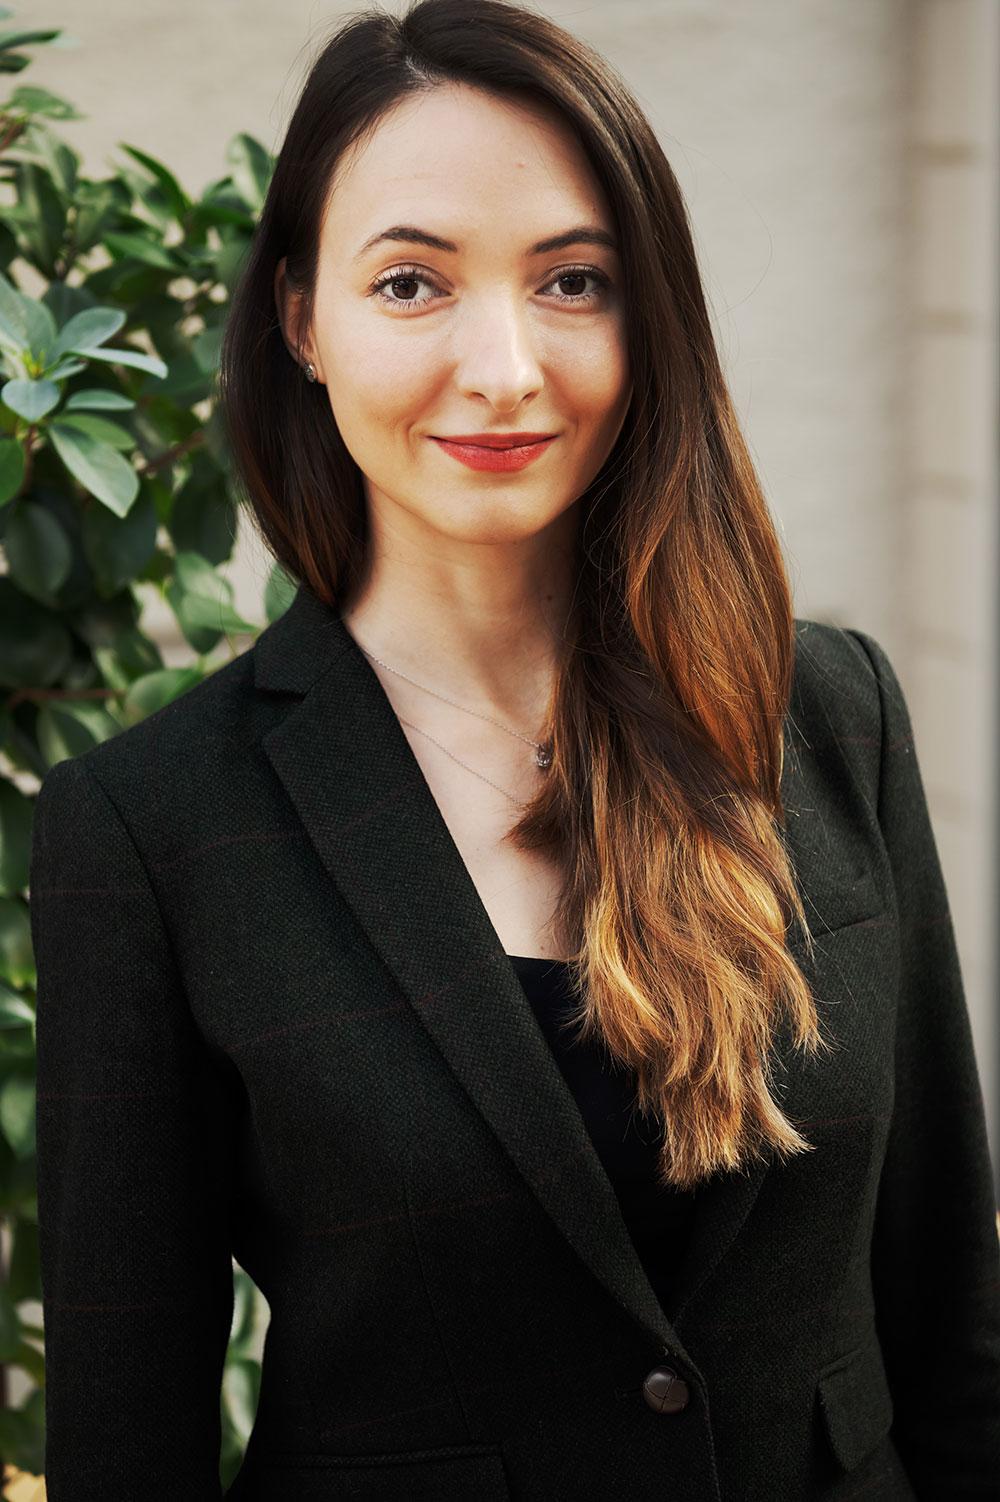 Ana-Maria-Popescu-Chalmers-Ventures